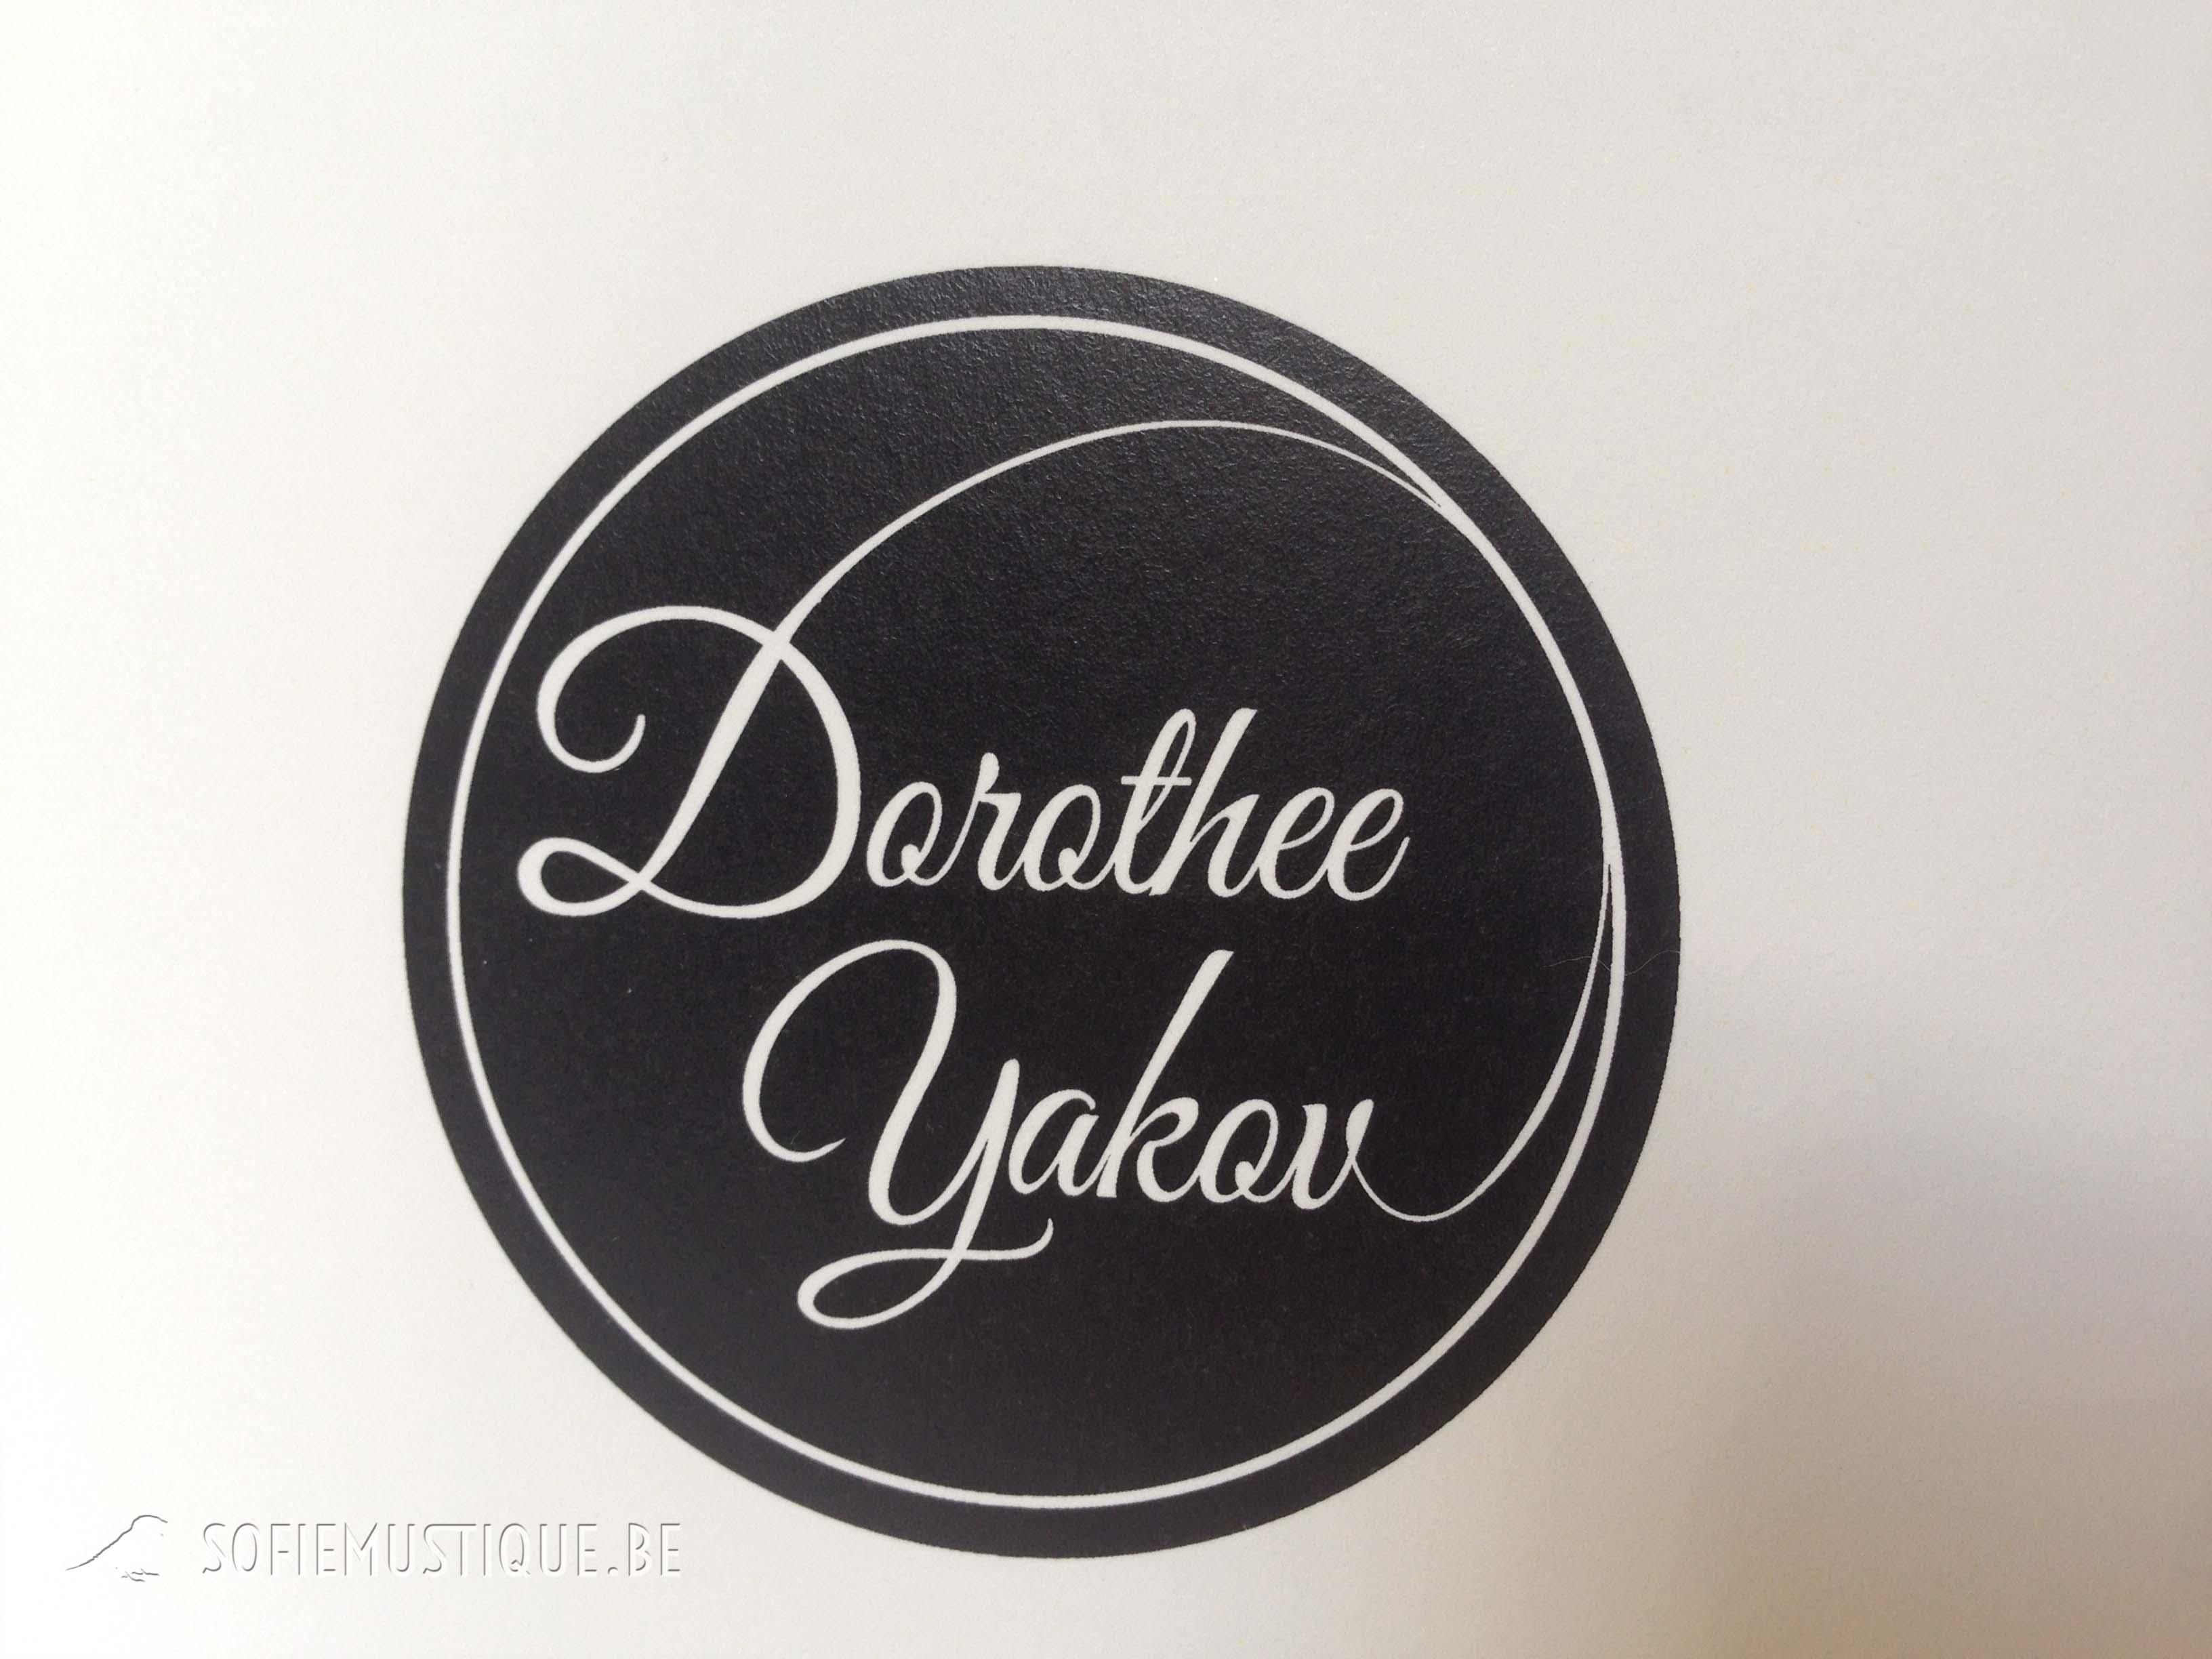 Huwelijksuitnodiging dorothee yakov studio mustique